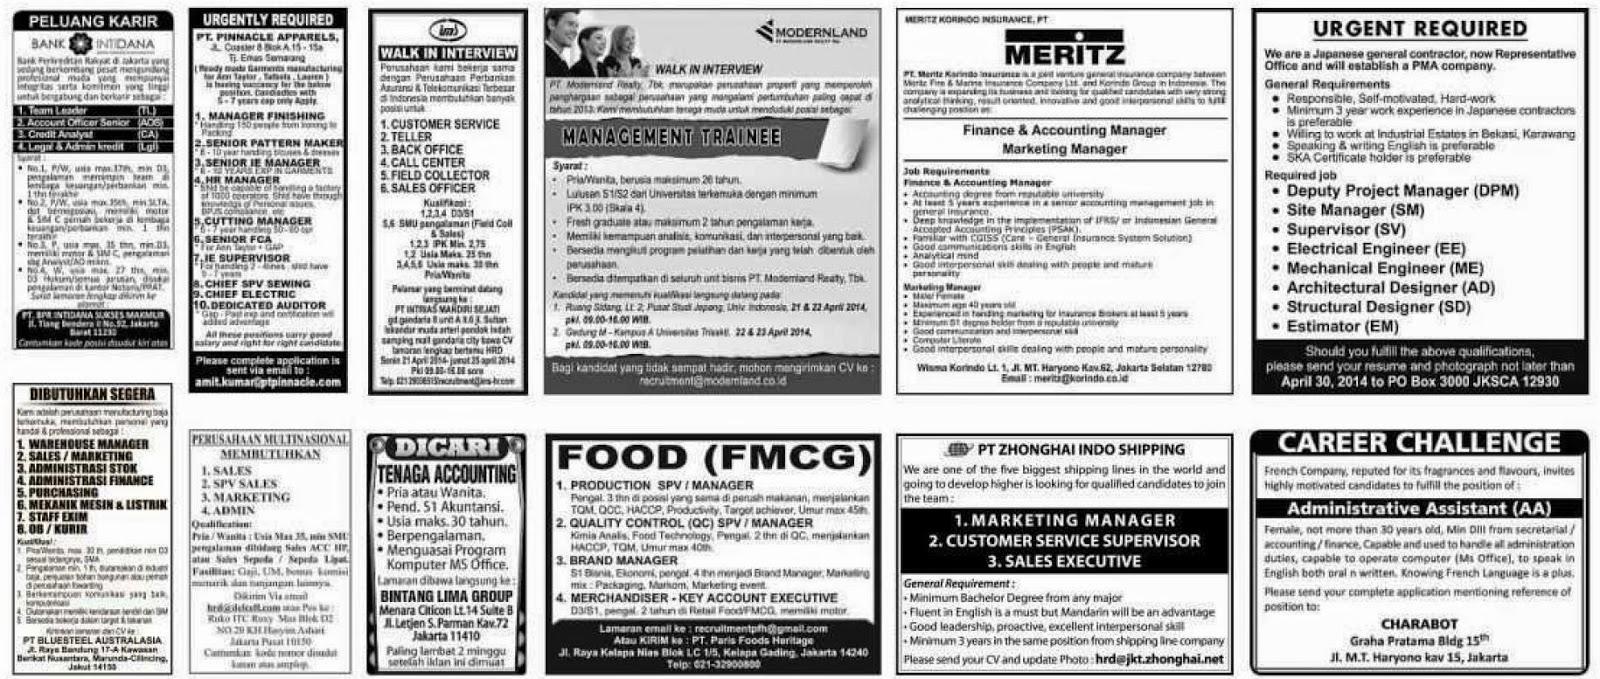 Lowongan kerja koran kompas Sabtu 19 April 2014